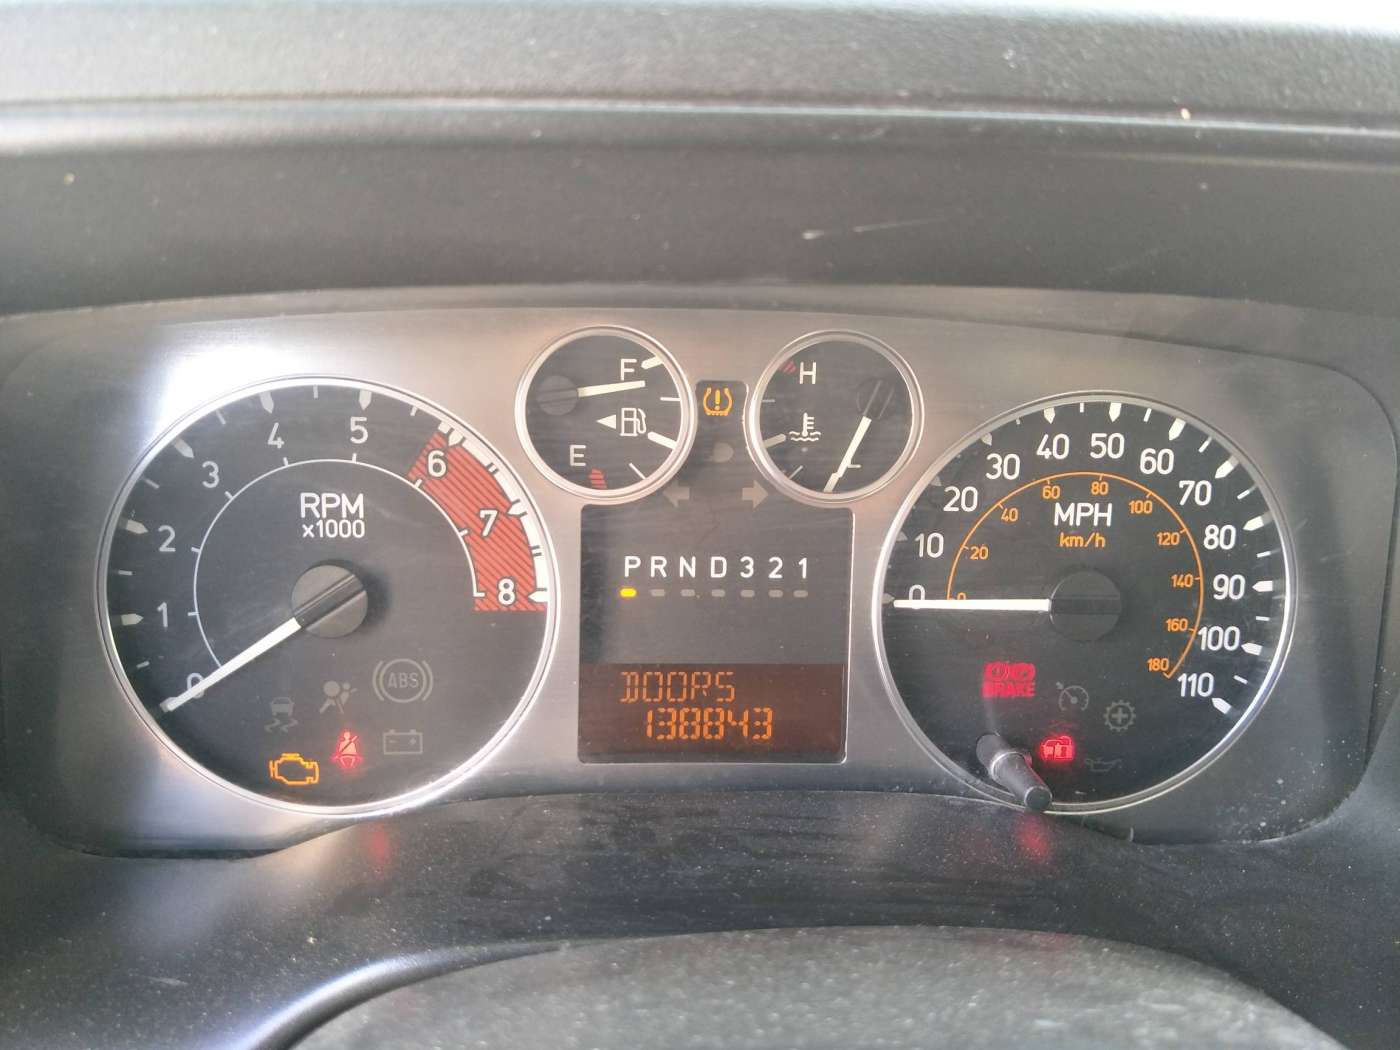 2008年04月 悍马H3 2008款 H3 ALPHA 5.3 甄选易手车-北京卡斯基汽车服务有限公司